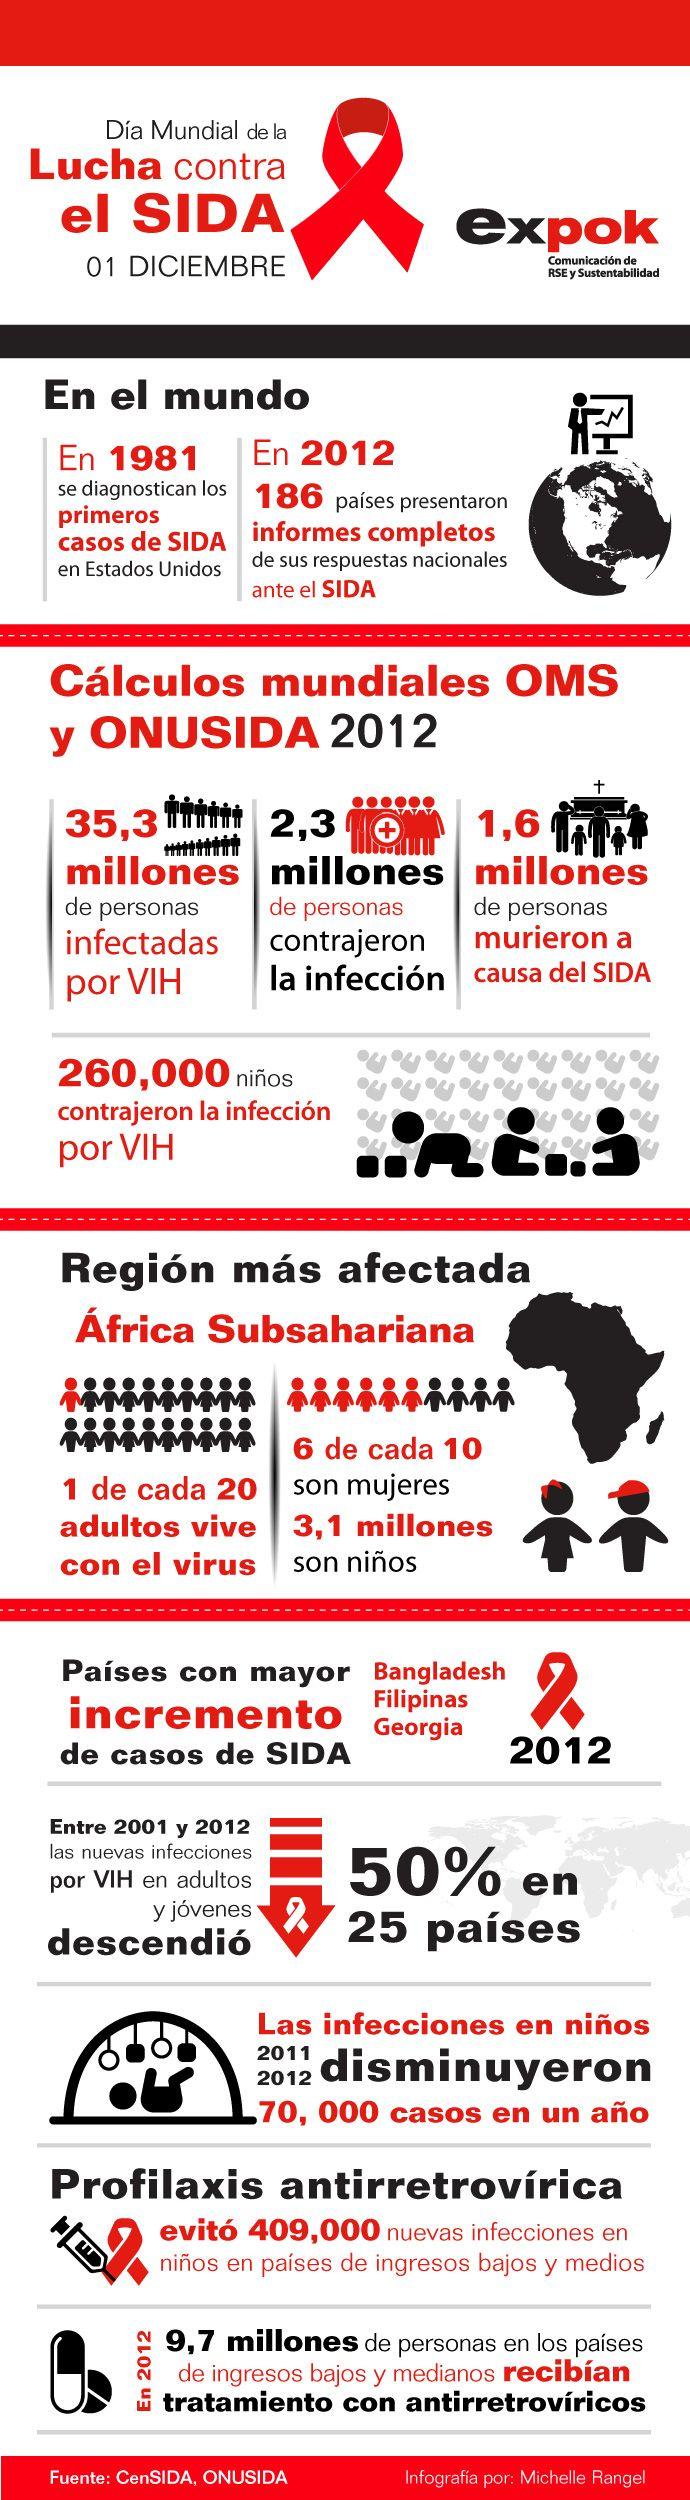 La lucha contra el VIH/SIDA en el mundo, se sustenta en el fortalecimiento de las políticas de prevención, que incluyen la educación sexual, los métodos para evitar el contagio, como el uso del condón, el acceso universal a los medicamentos antirretrovirales, y el combate al estigma y la discriminación asociados a este padecimiento.  En expok hemos hecho una recopilación de los datos más relevantes de este padecimiento, mismos que representamos en esta infografía.